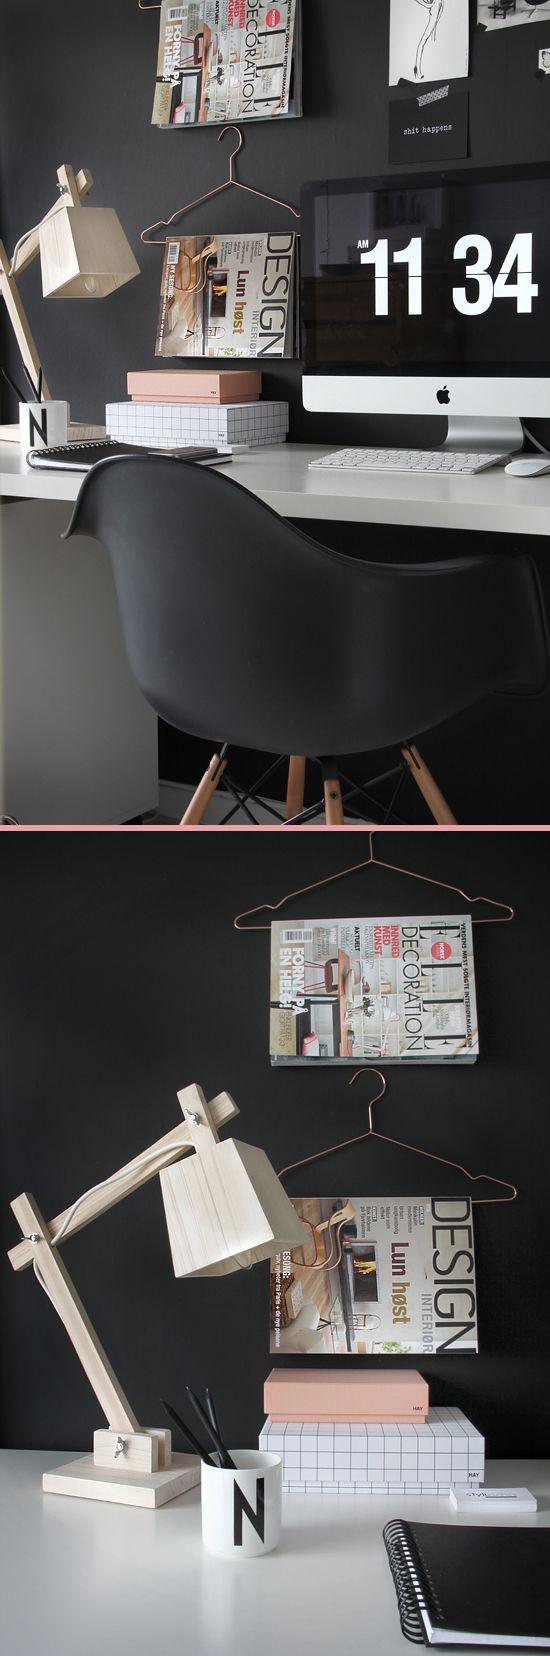 tijdschriften hanger